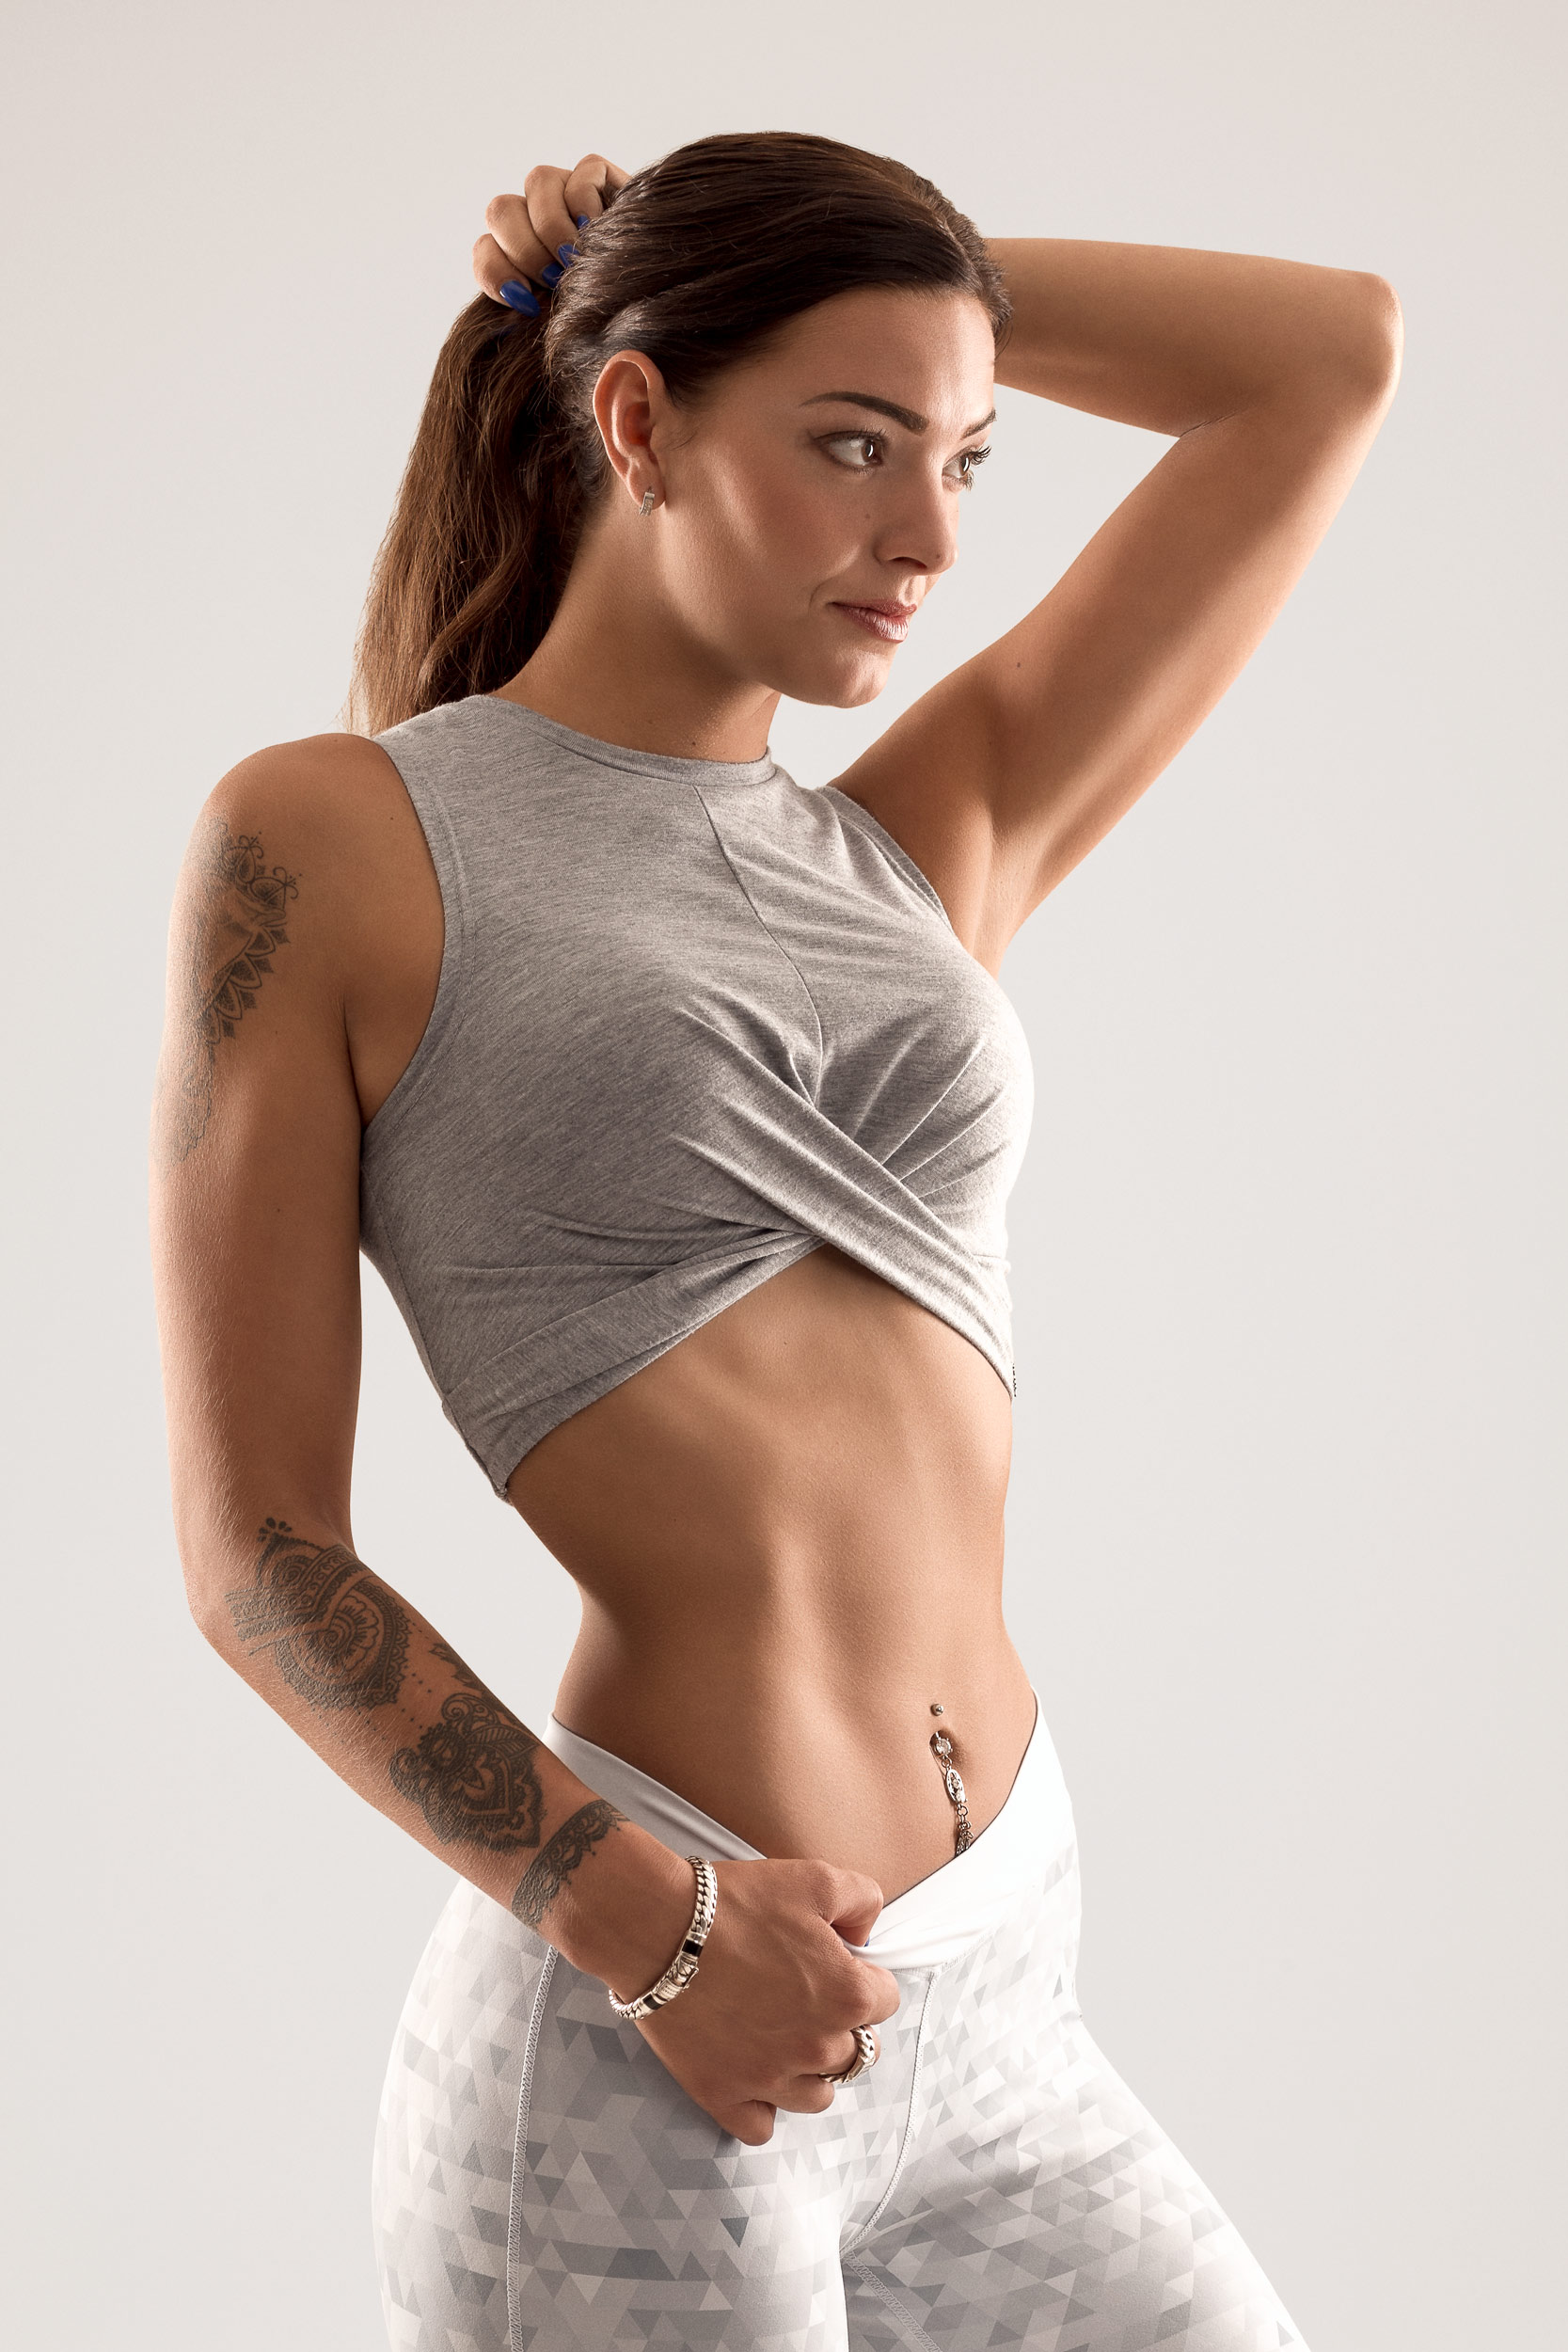 Fitnessmodel Tica Ruijter